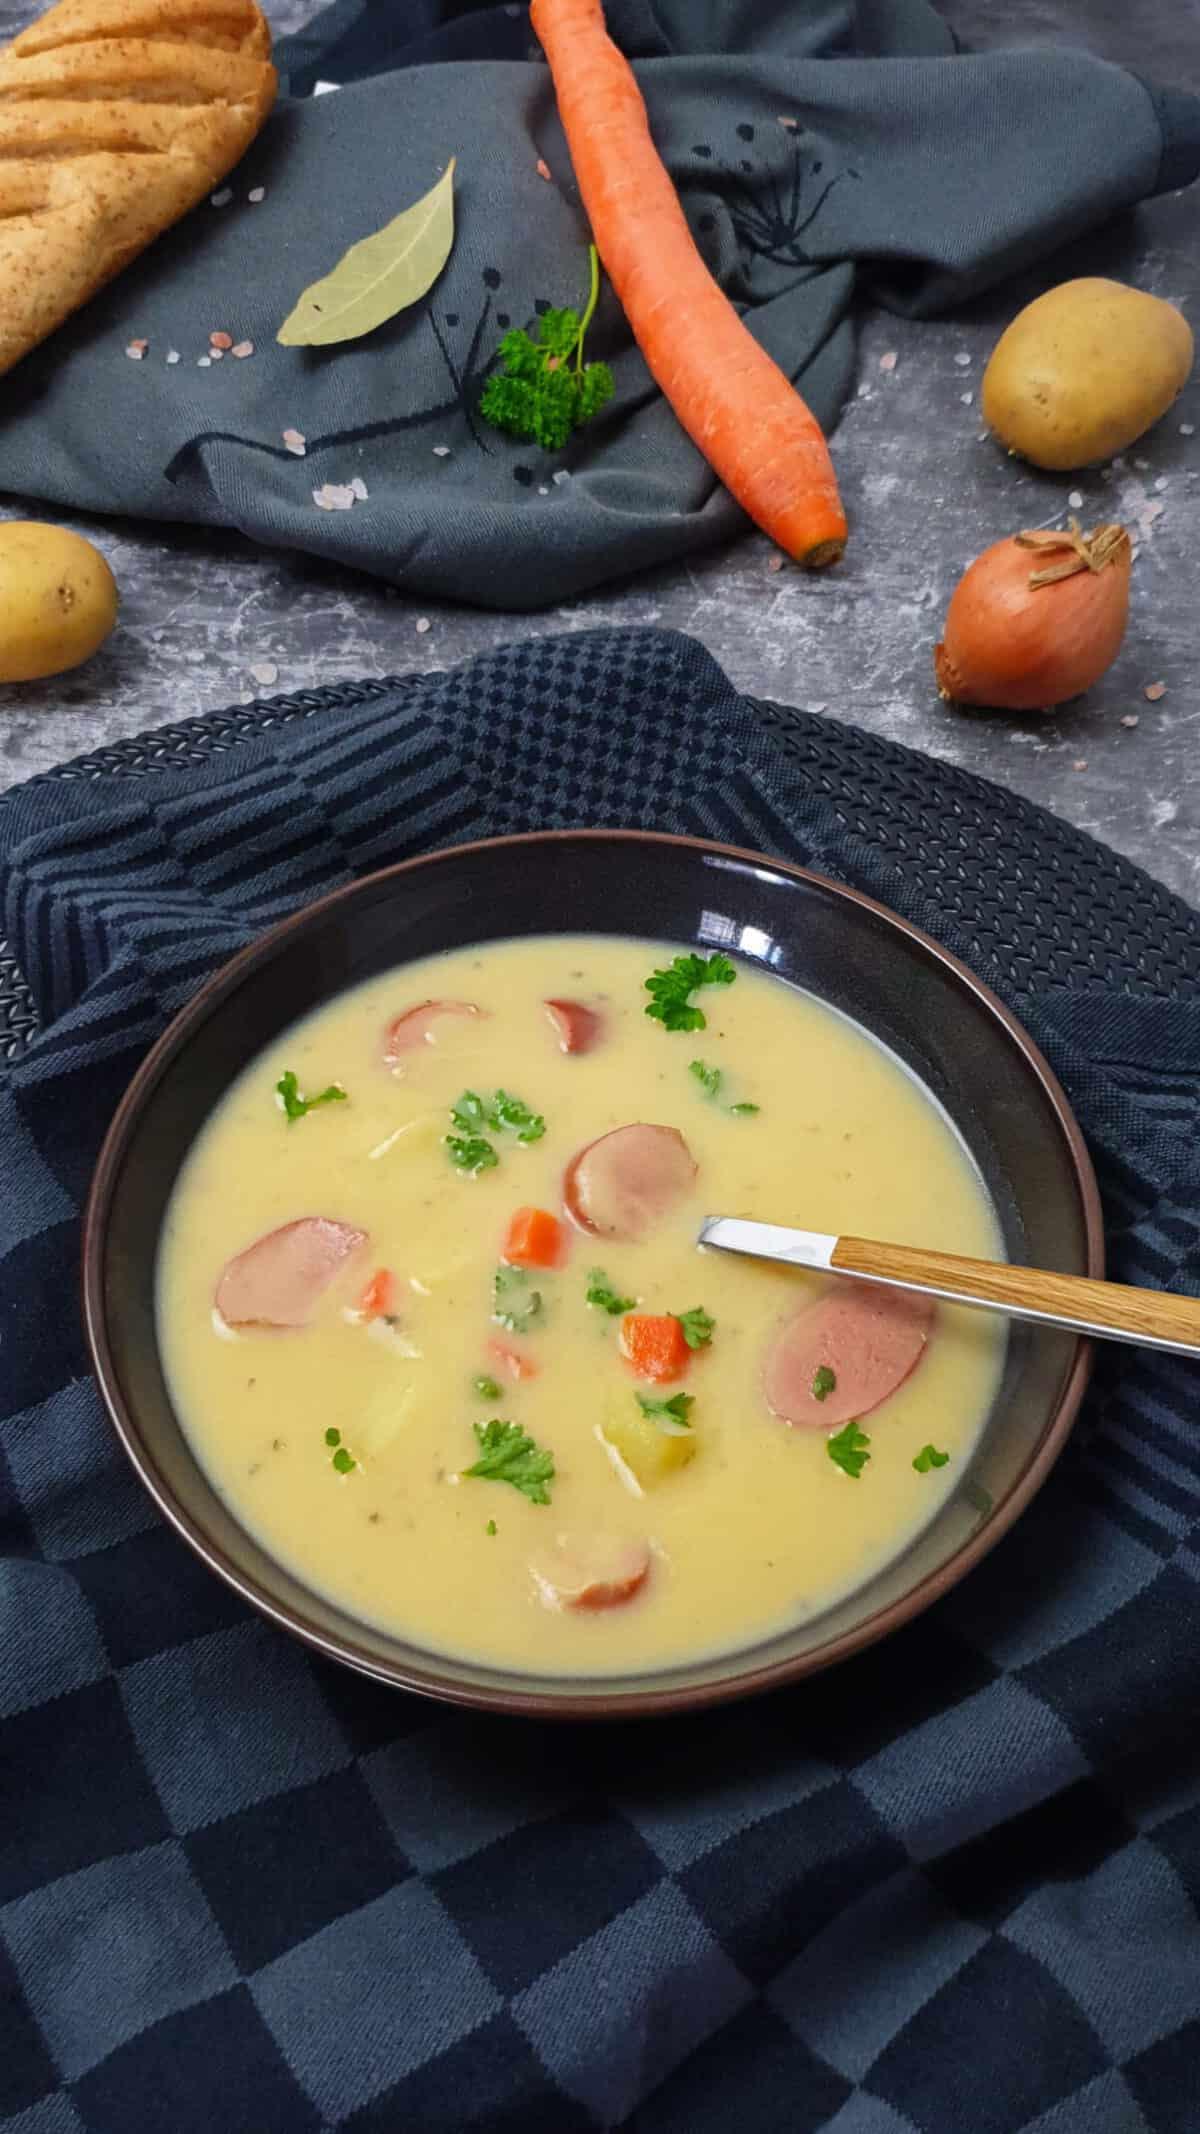 In einer braunen Schale dekorativ angerichtet eine cremige Kartoffelsuppe mit Würstchen sowie Kartoffel und Gemüsestücken. Im Hintergrund auf einem Handtuch liegt ein Baguette, eine Möhre und Kartoffeln.